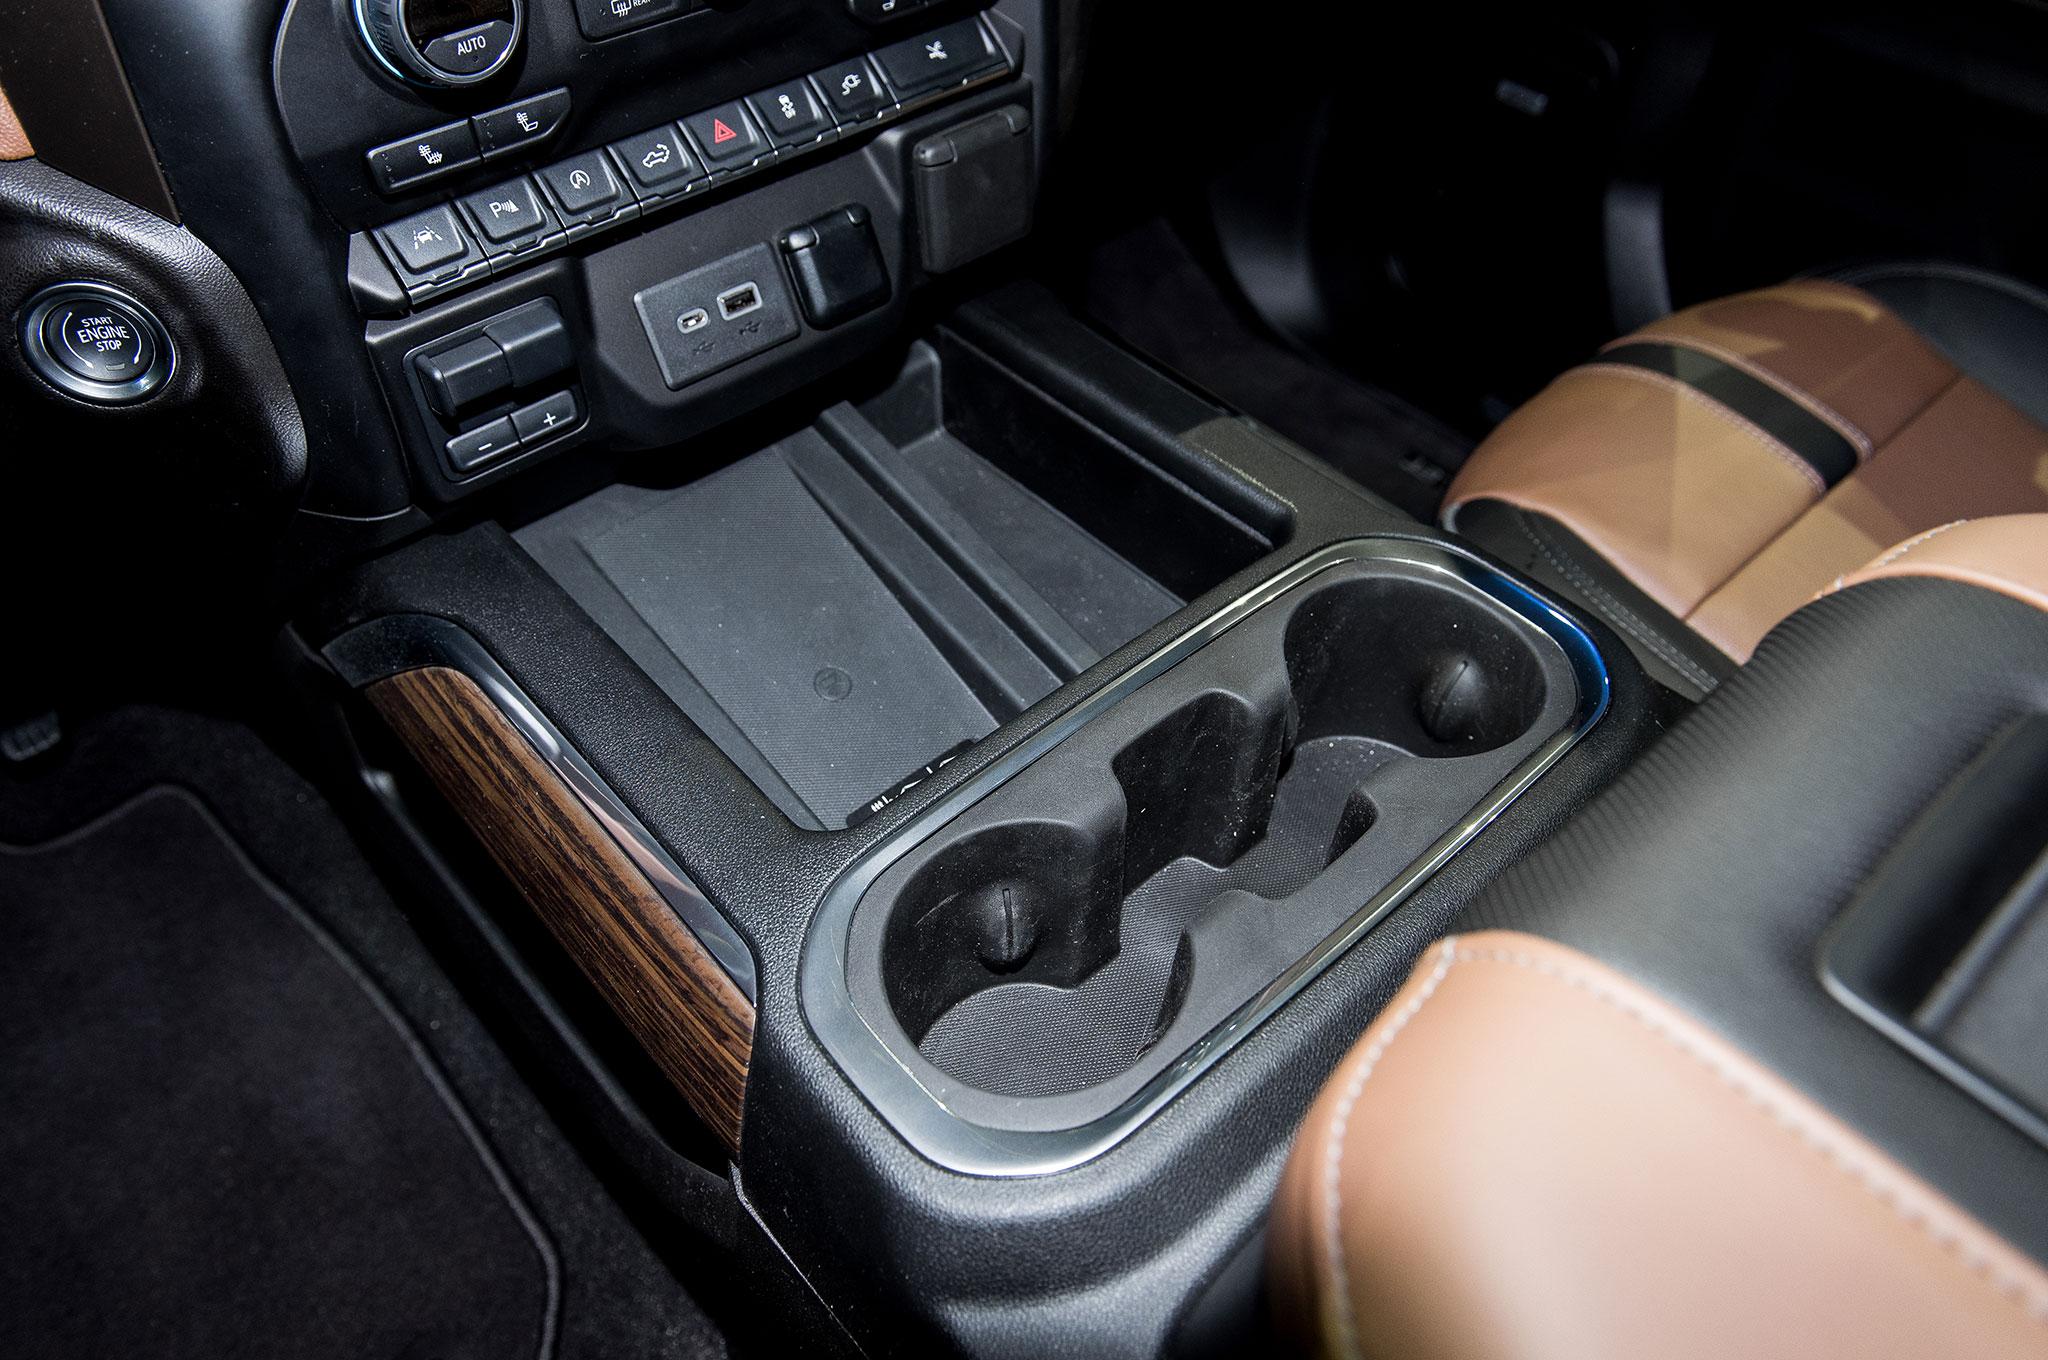 2019 Chevrolet Silverado 1500 High Country interior center ...